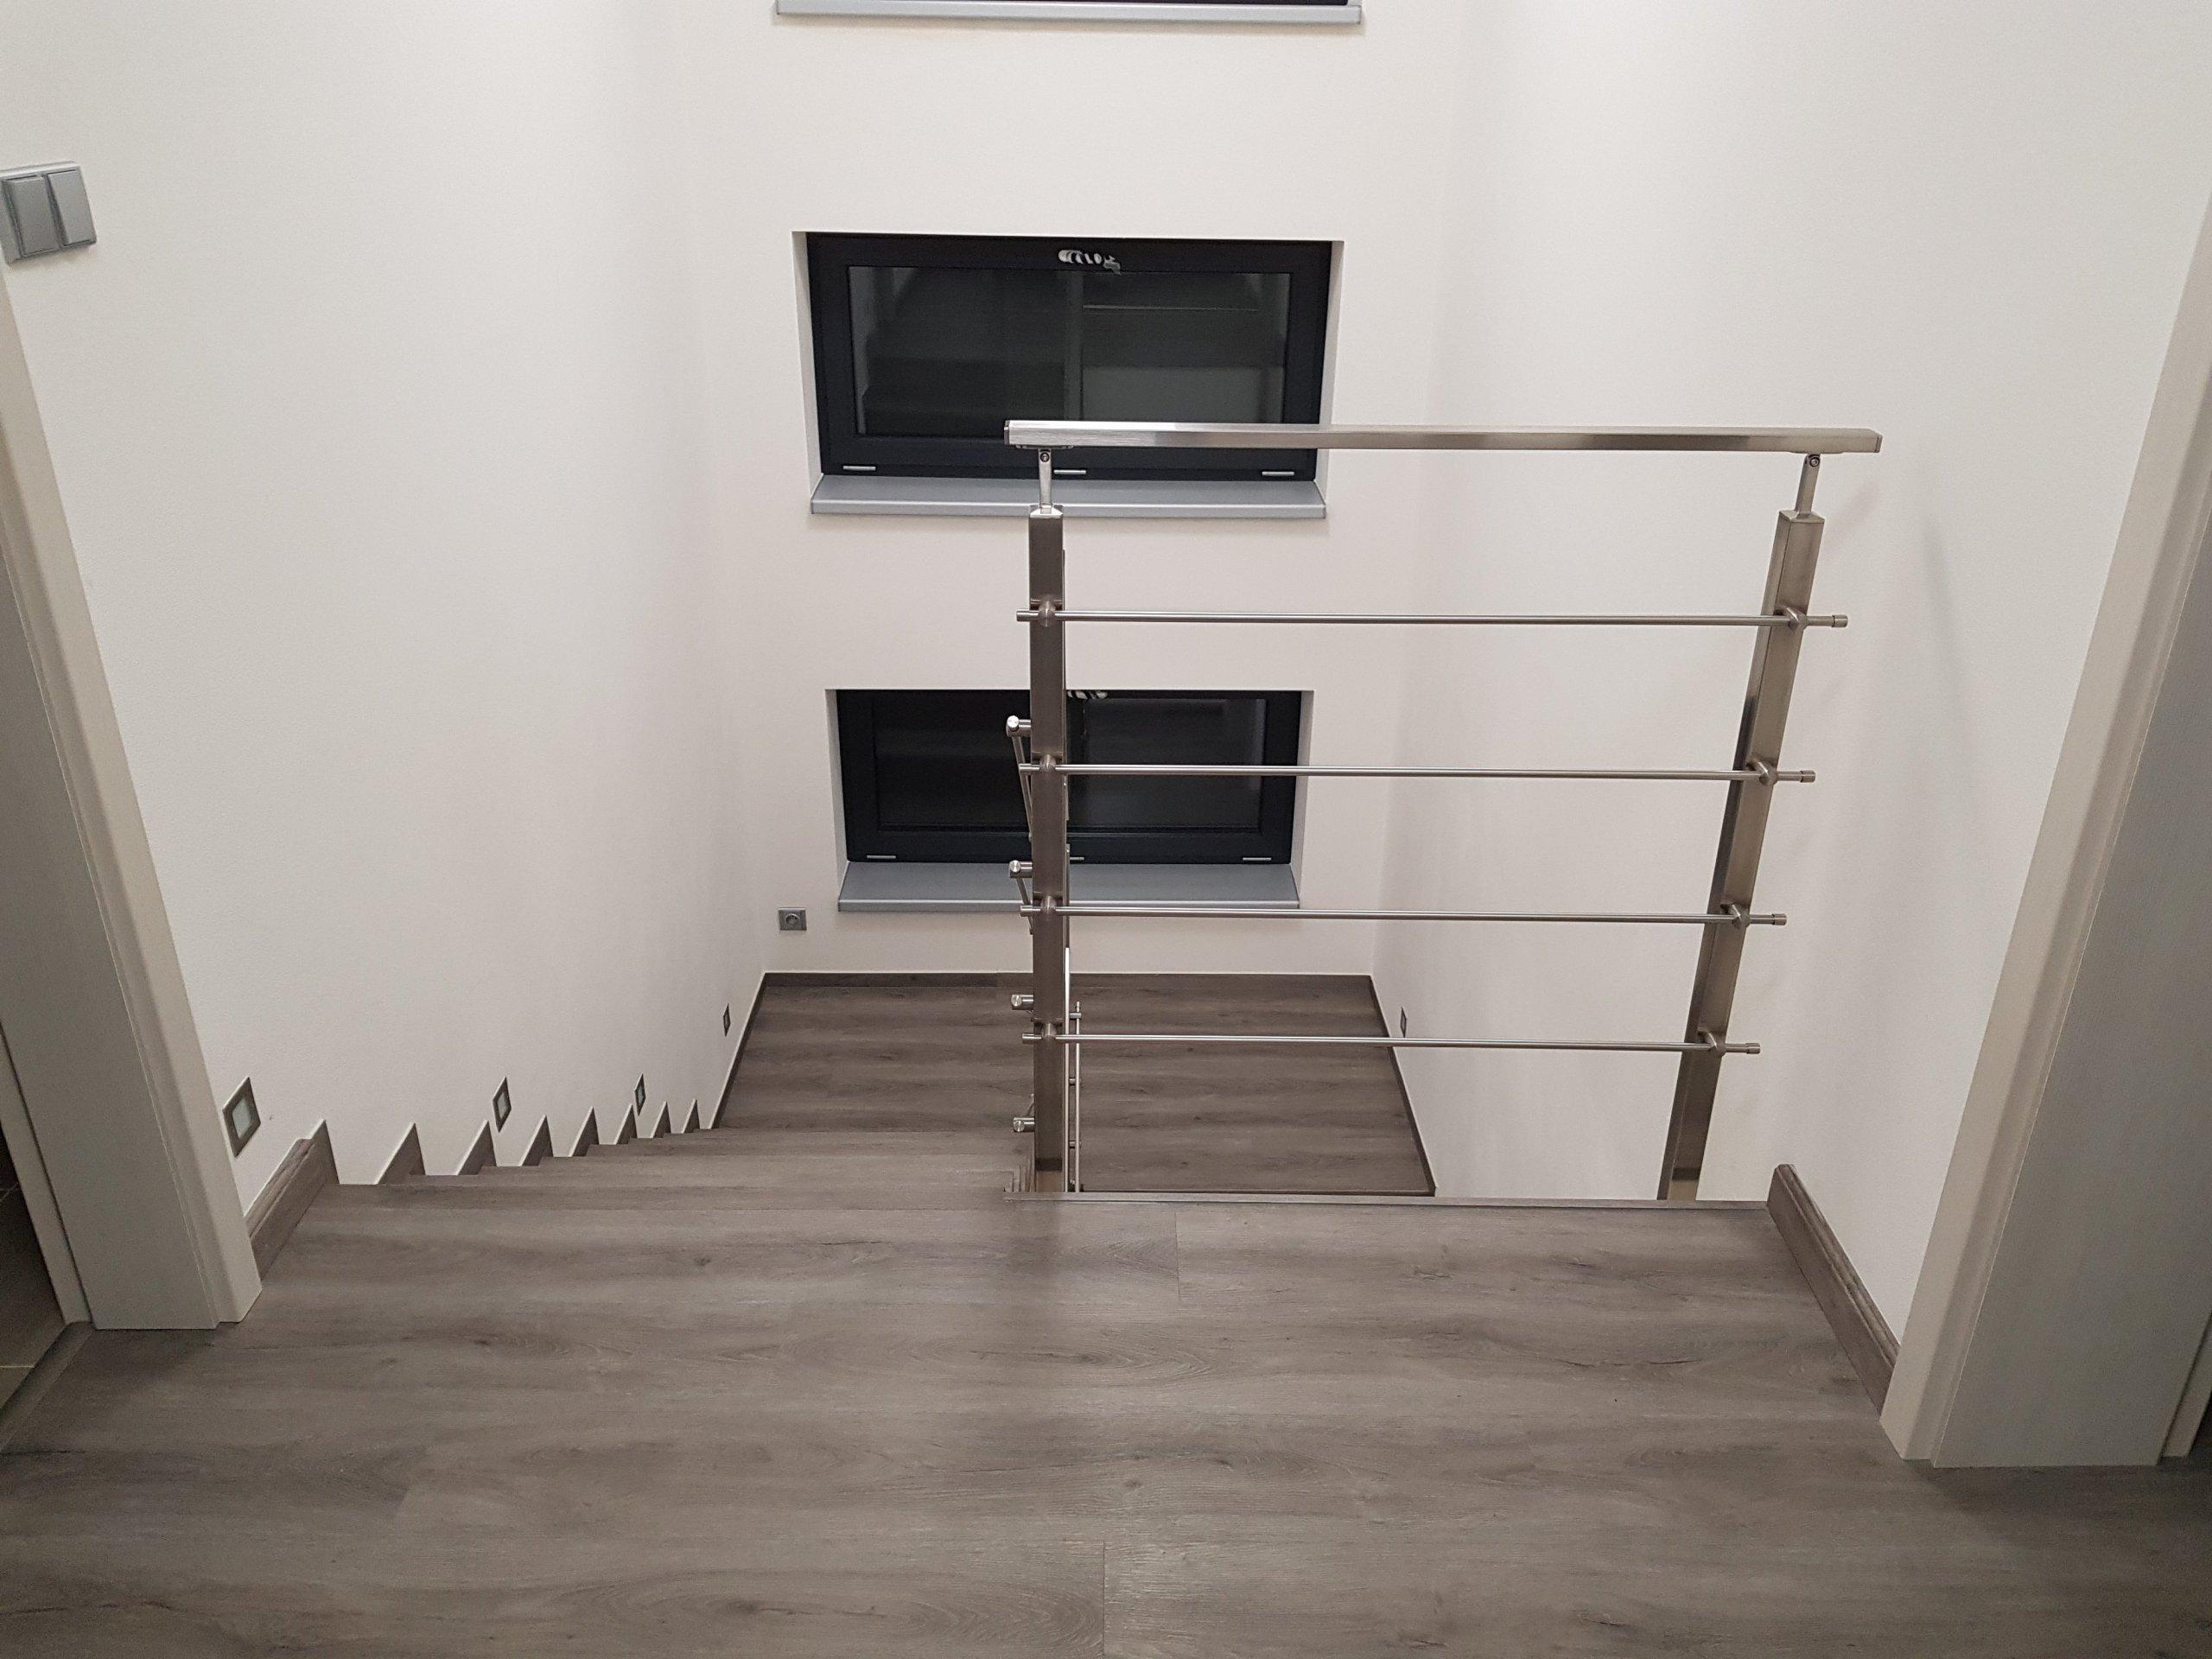 Ukázka realizace vinylová podlaha BUKOMA PREMIUM CLICK dekor Dub Legend Šedý. Mimo obkladu schodiště je podlaha se stejným dekorem použita i v ostatních…